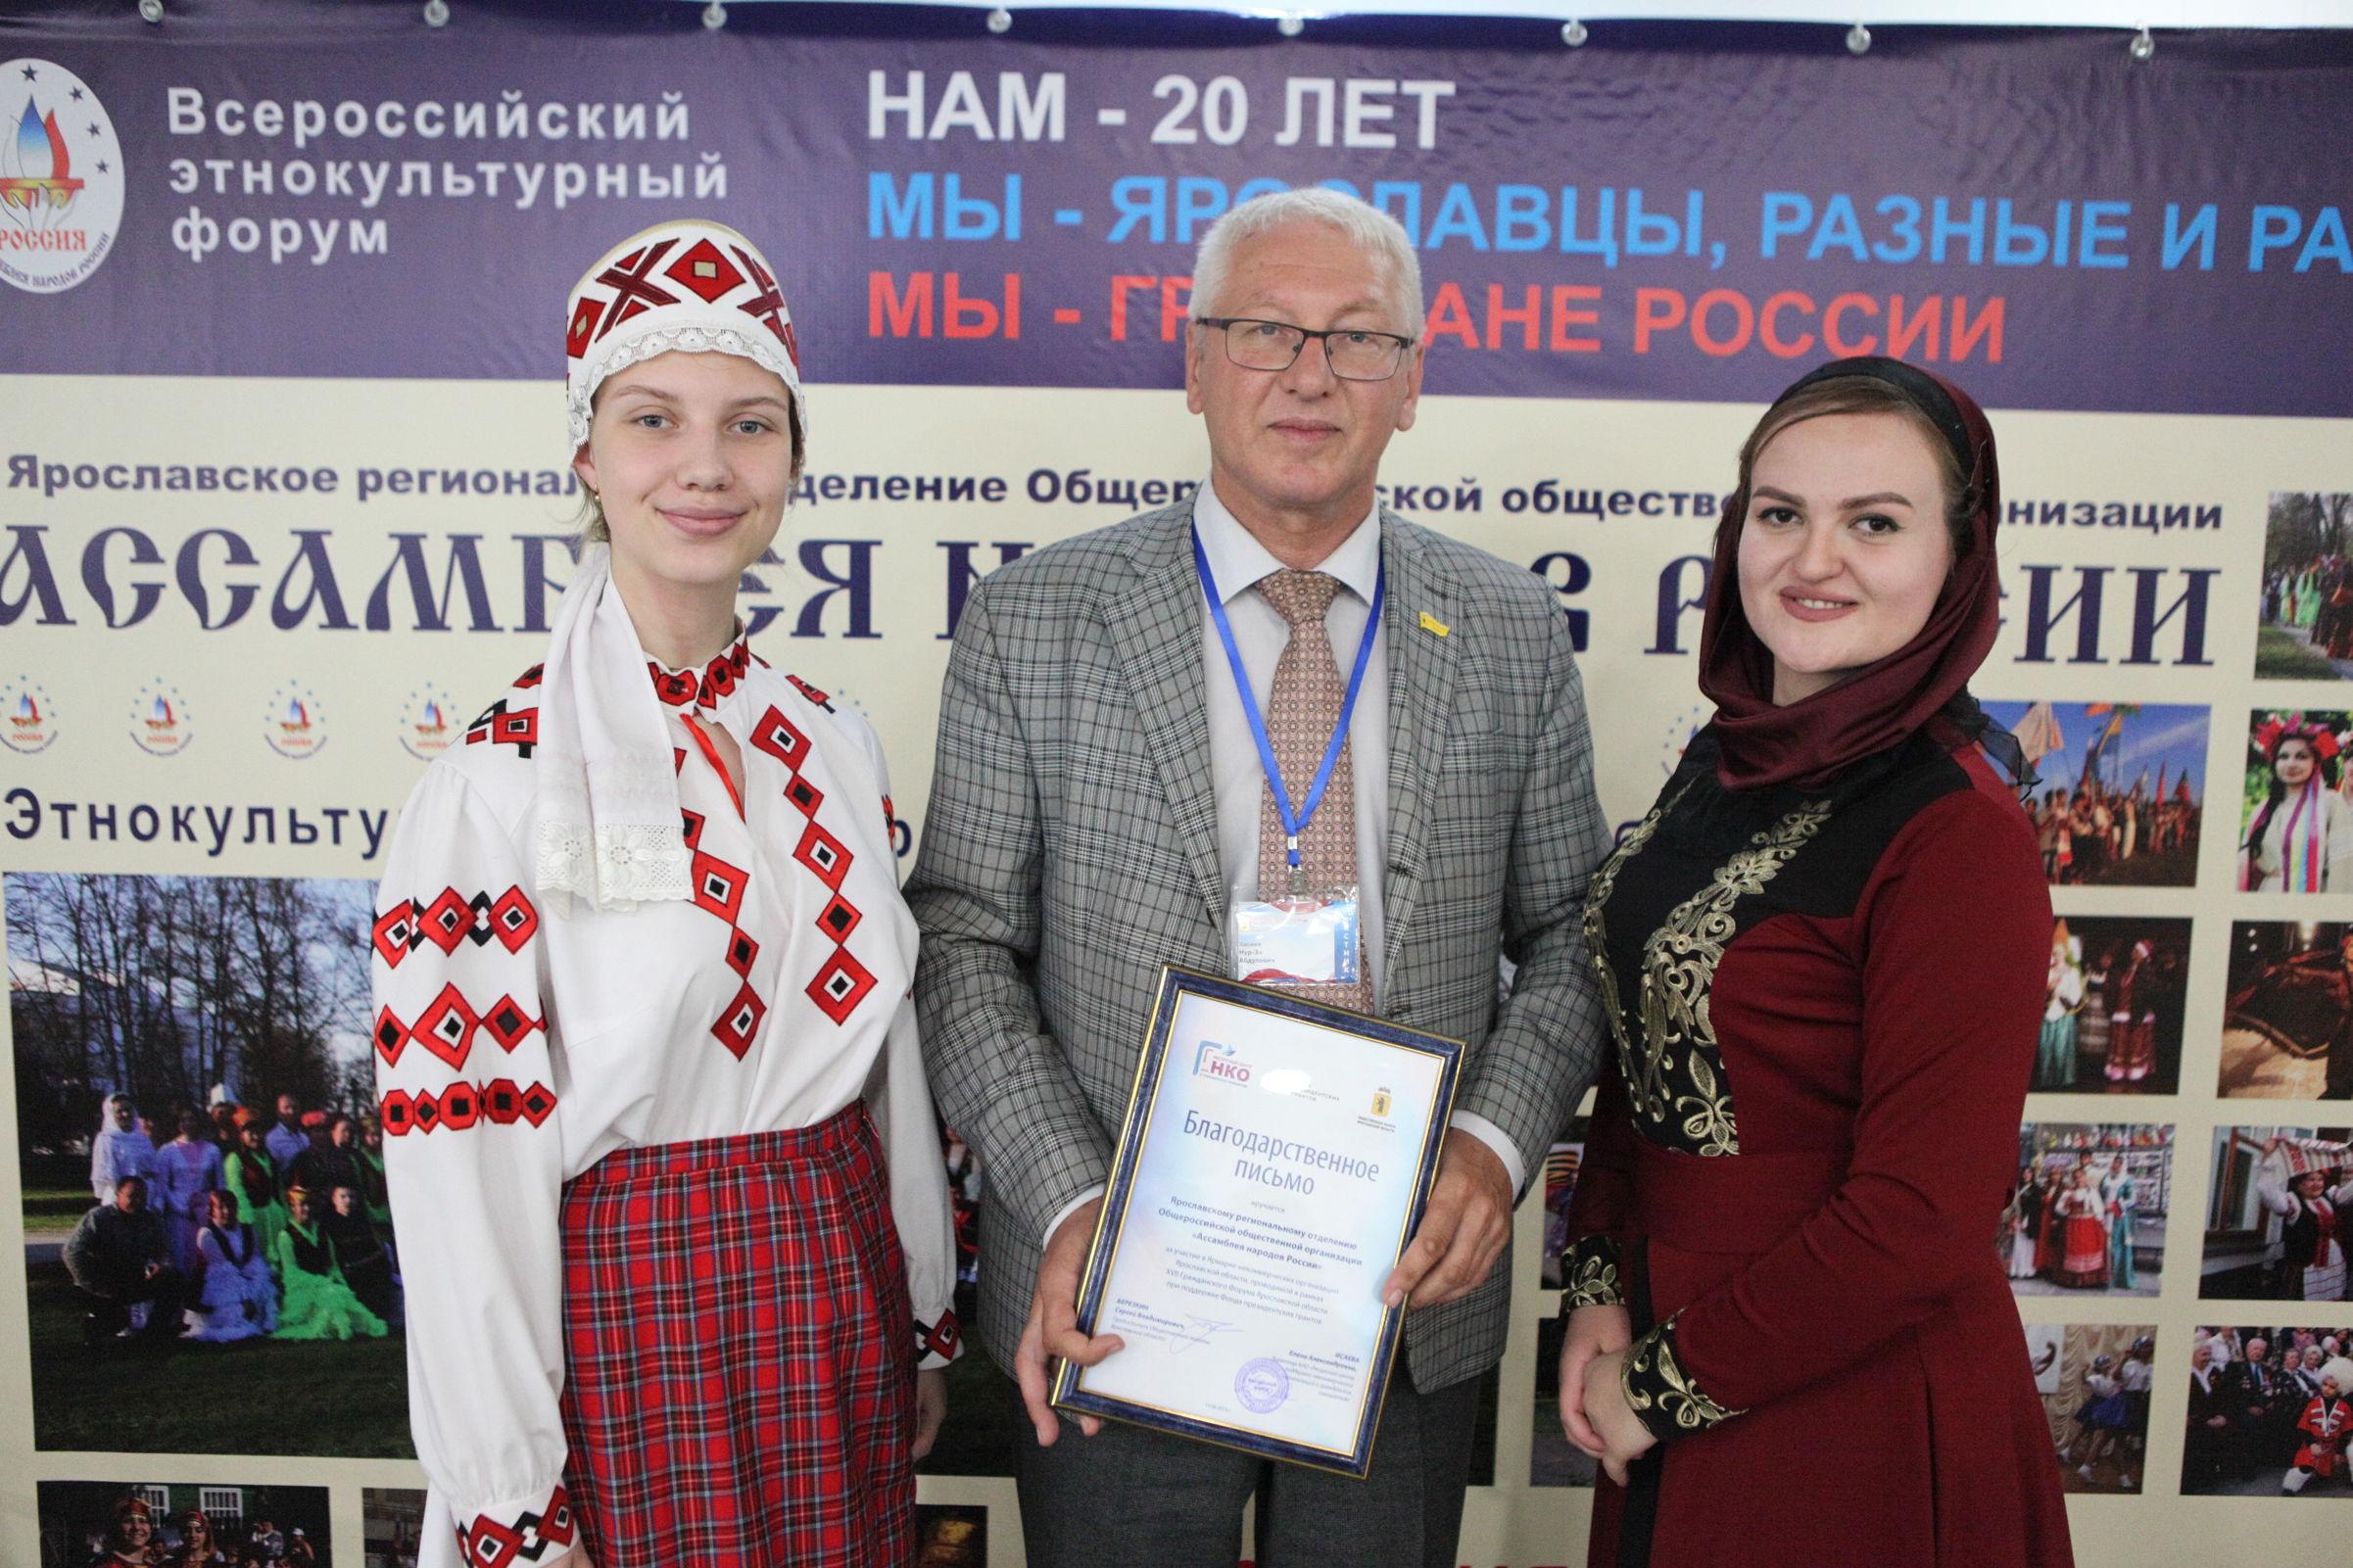 «Ярославия – земля согласия». Почему в регионе нет межнациональных конфликтов